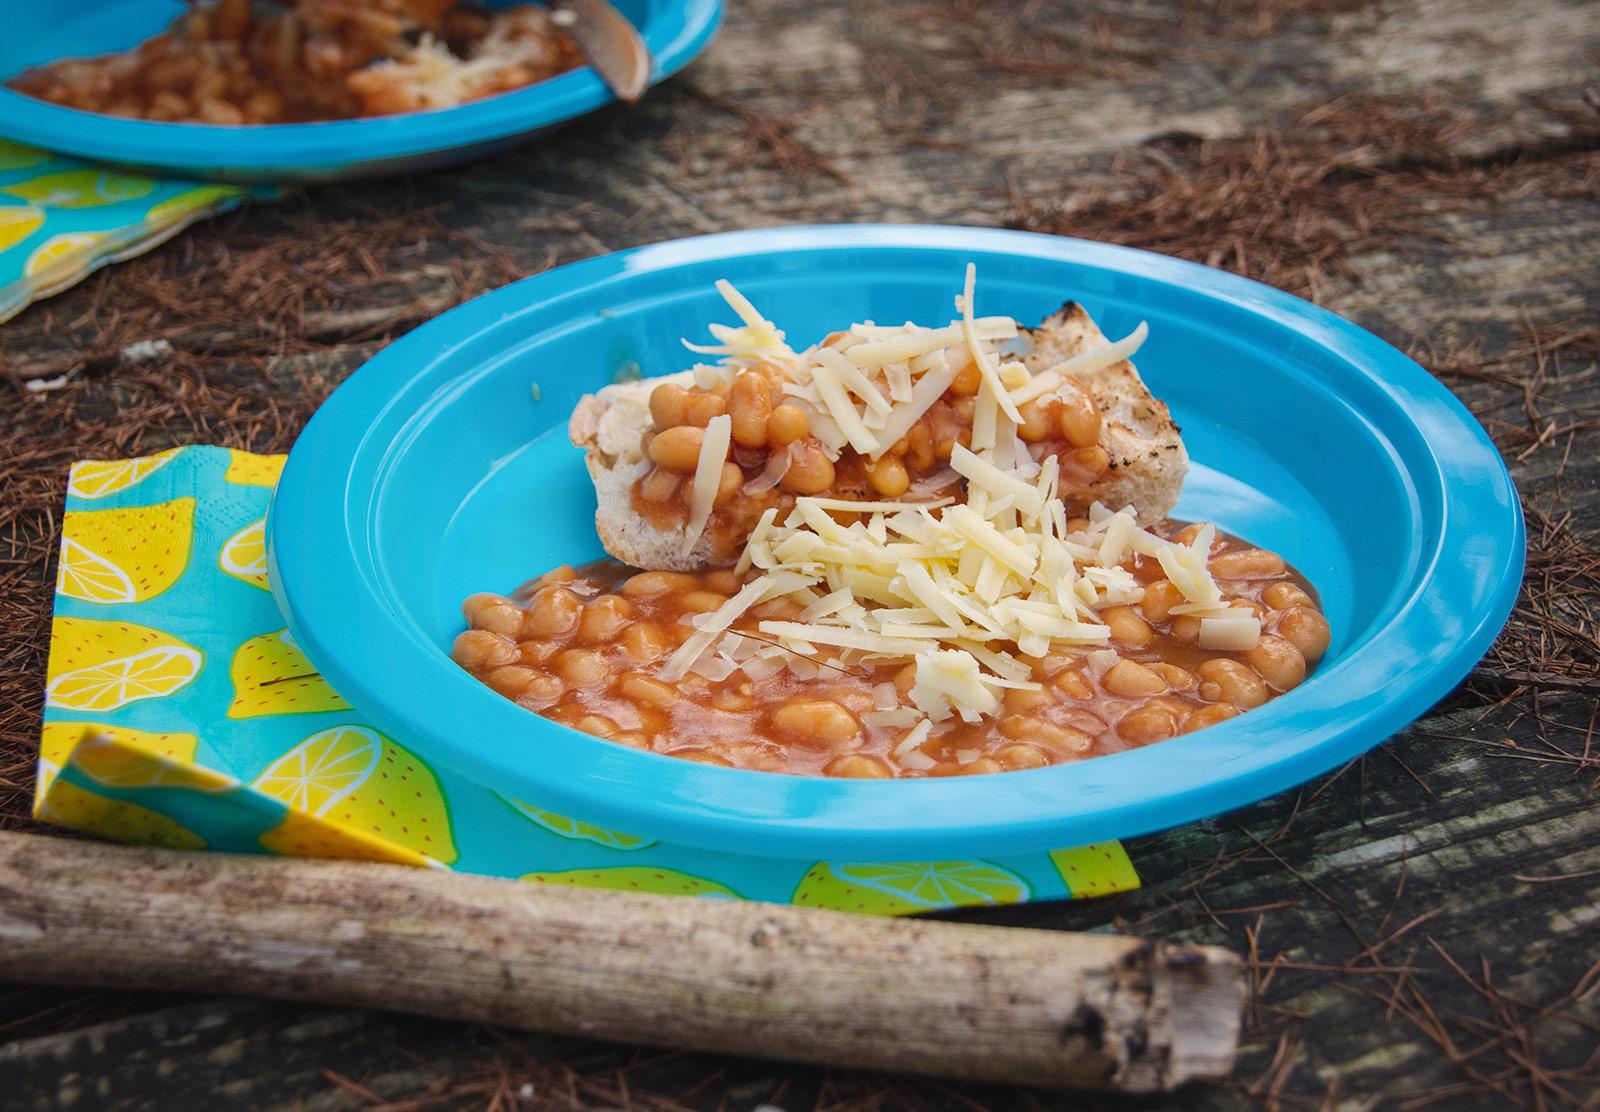 Beans on toast on plate